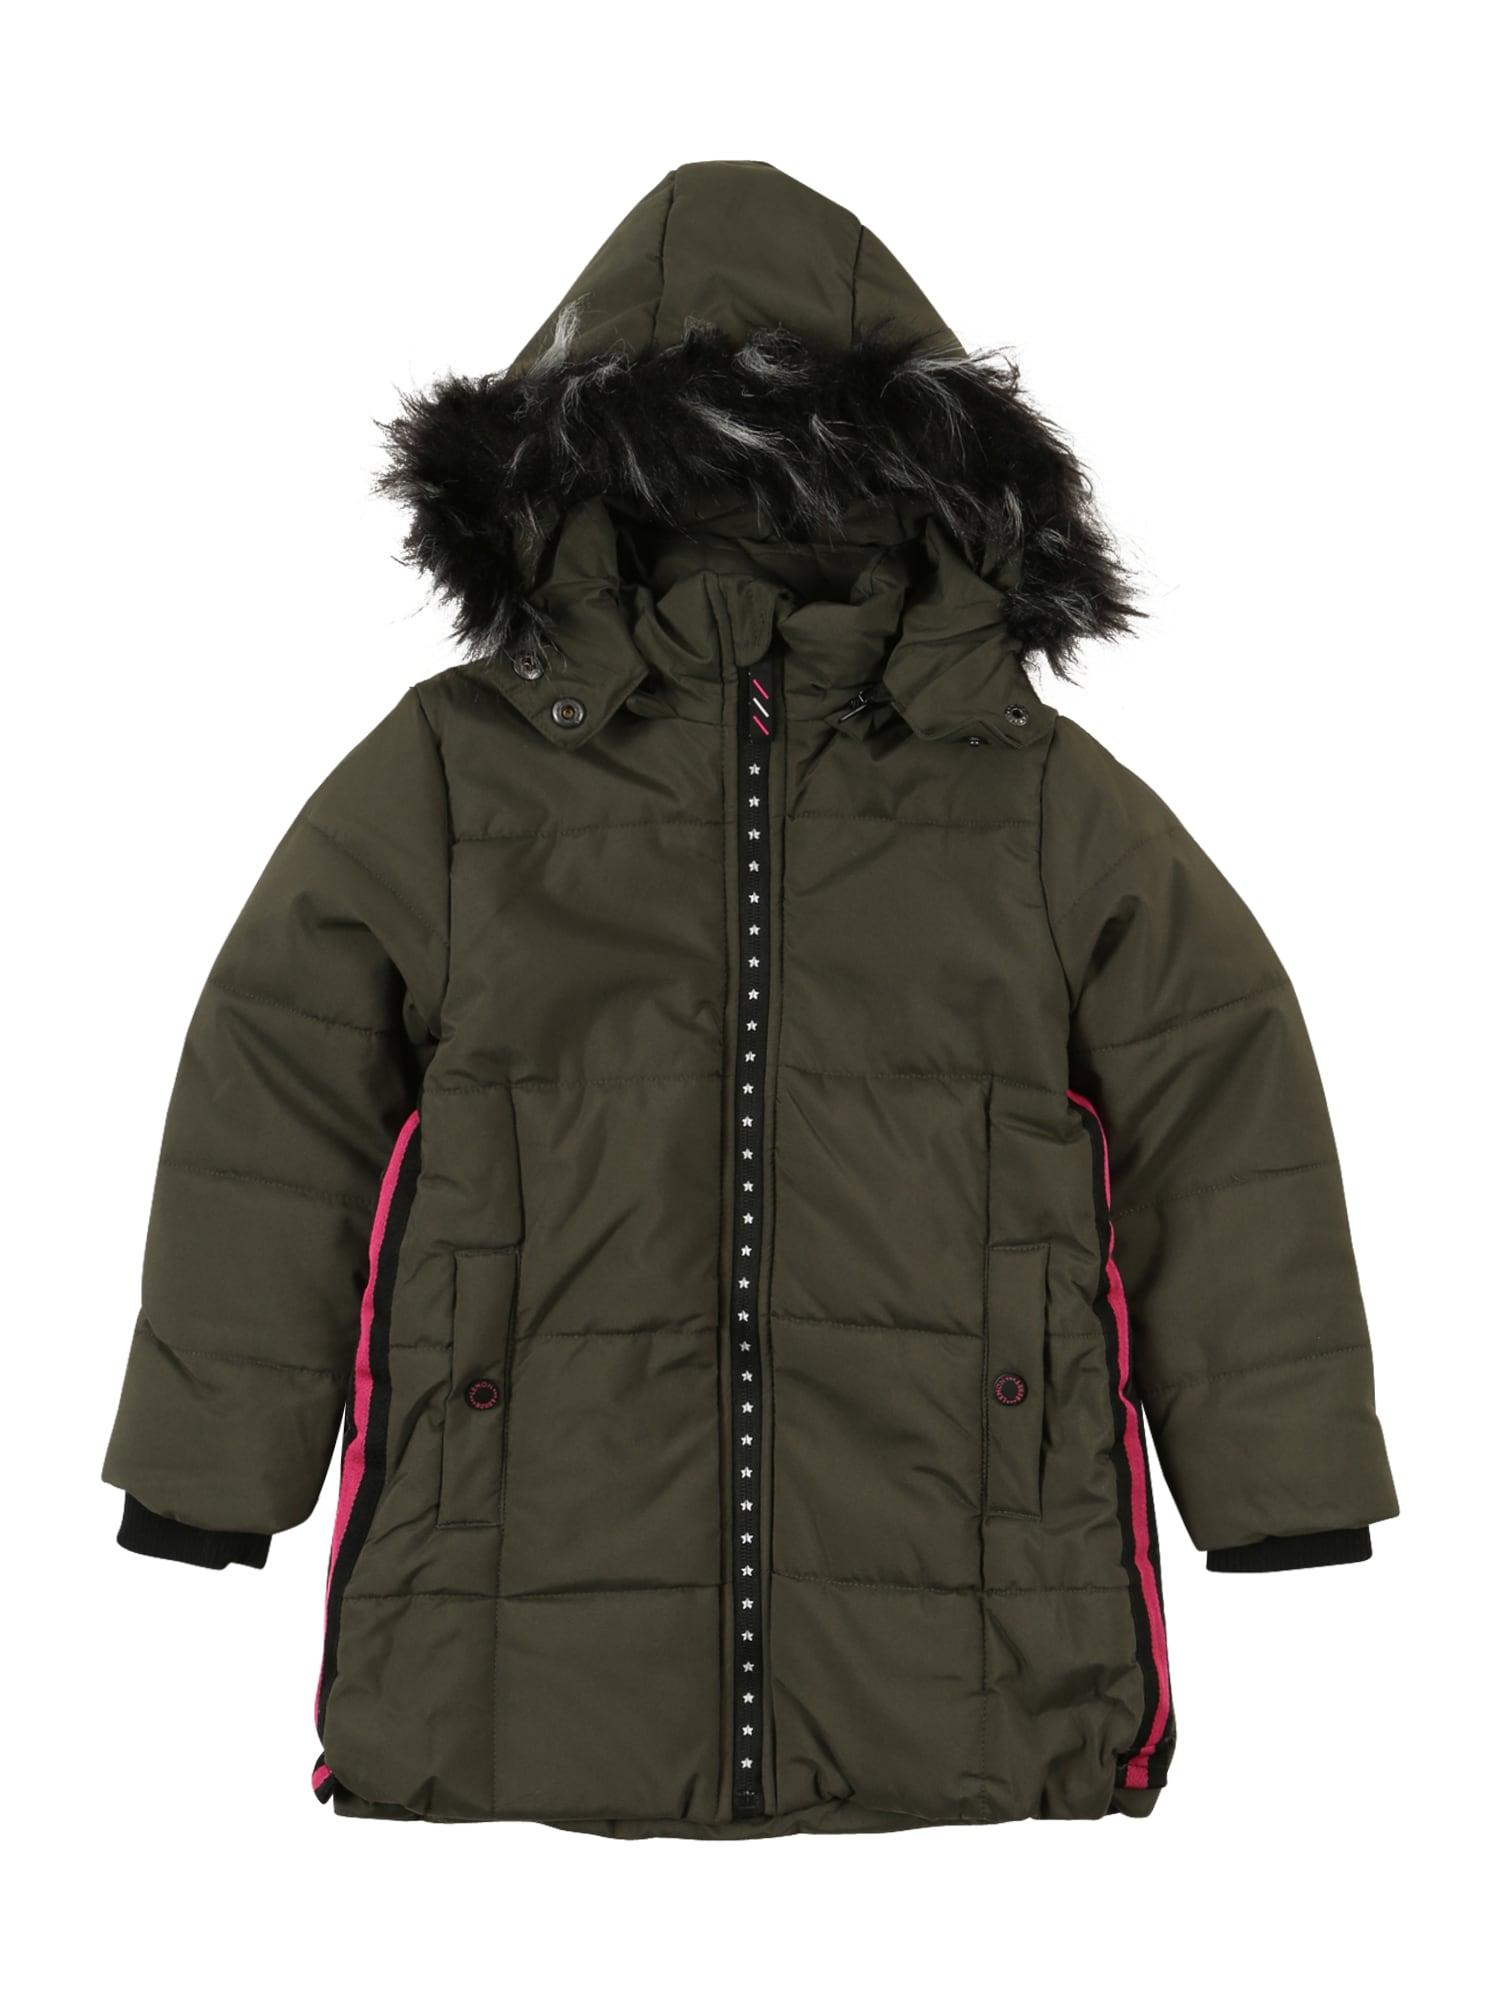 LEMON BERET Žieminė striukė rusvai žalia / rožinė / juoda